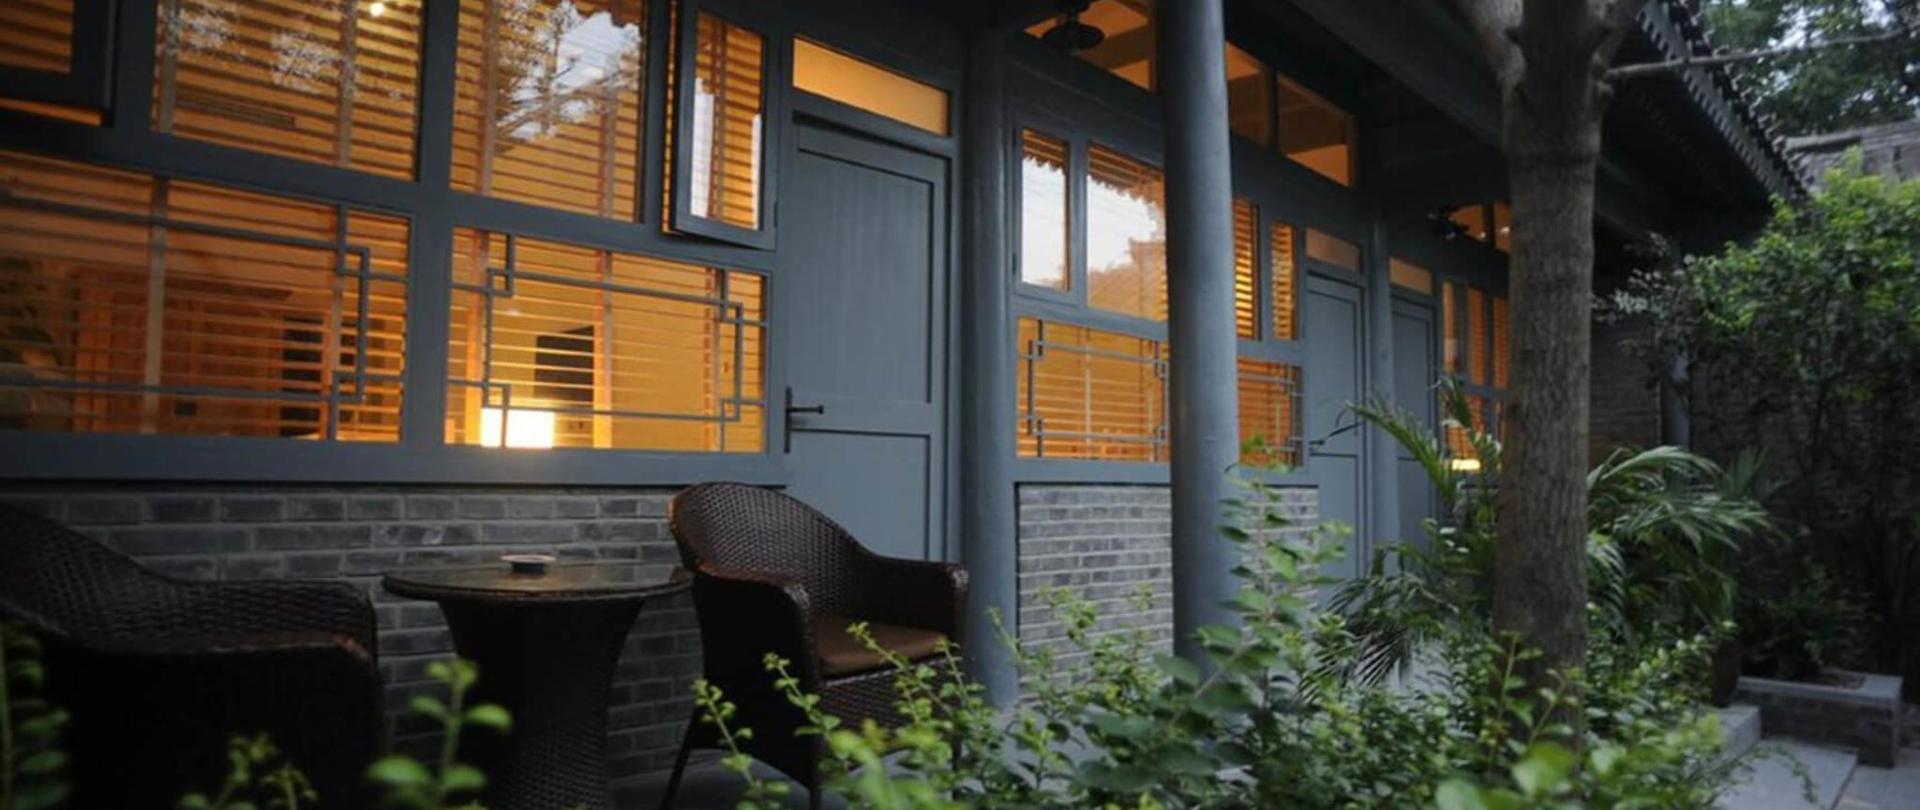 hulu-yard-view09.jpg